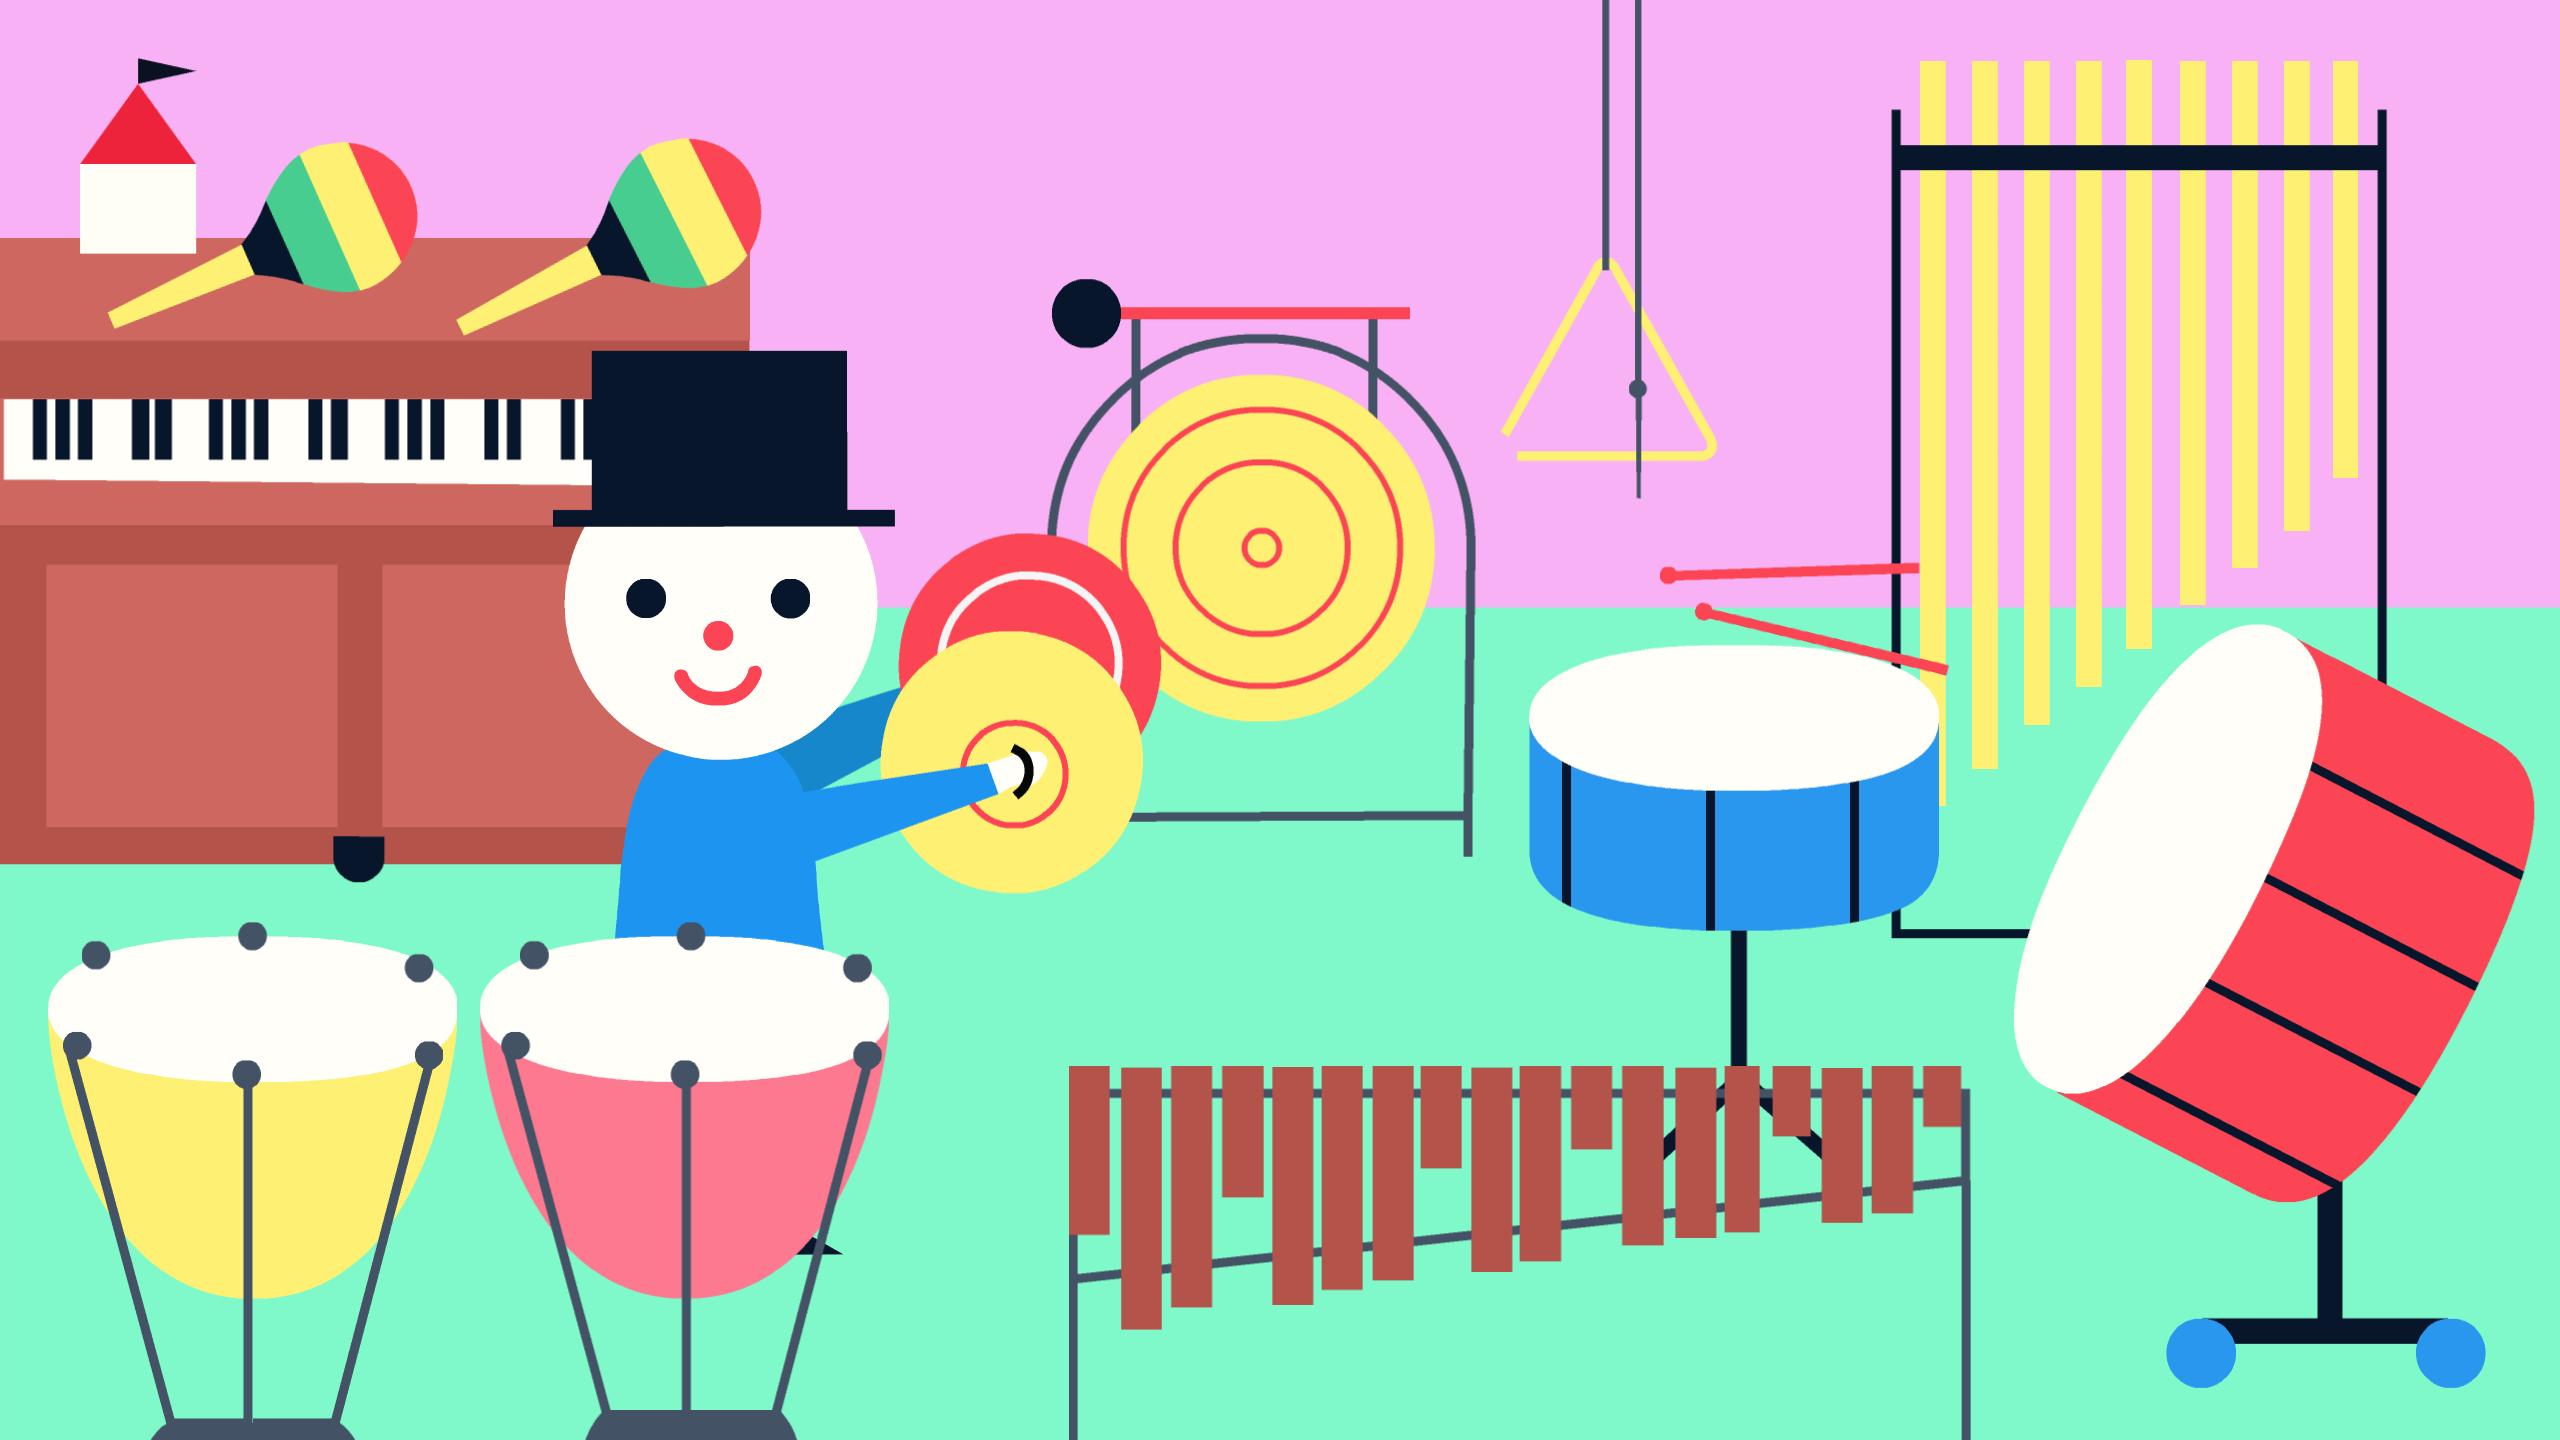 Screenshot: In der Szene sind verschiedene Klanginstrumente aufgebaut. Teku hält zwei Becken in den Händen.